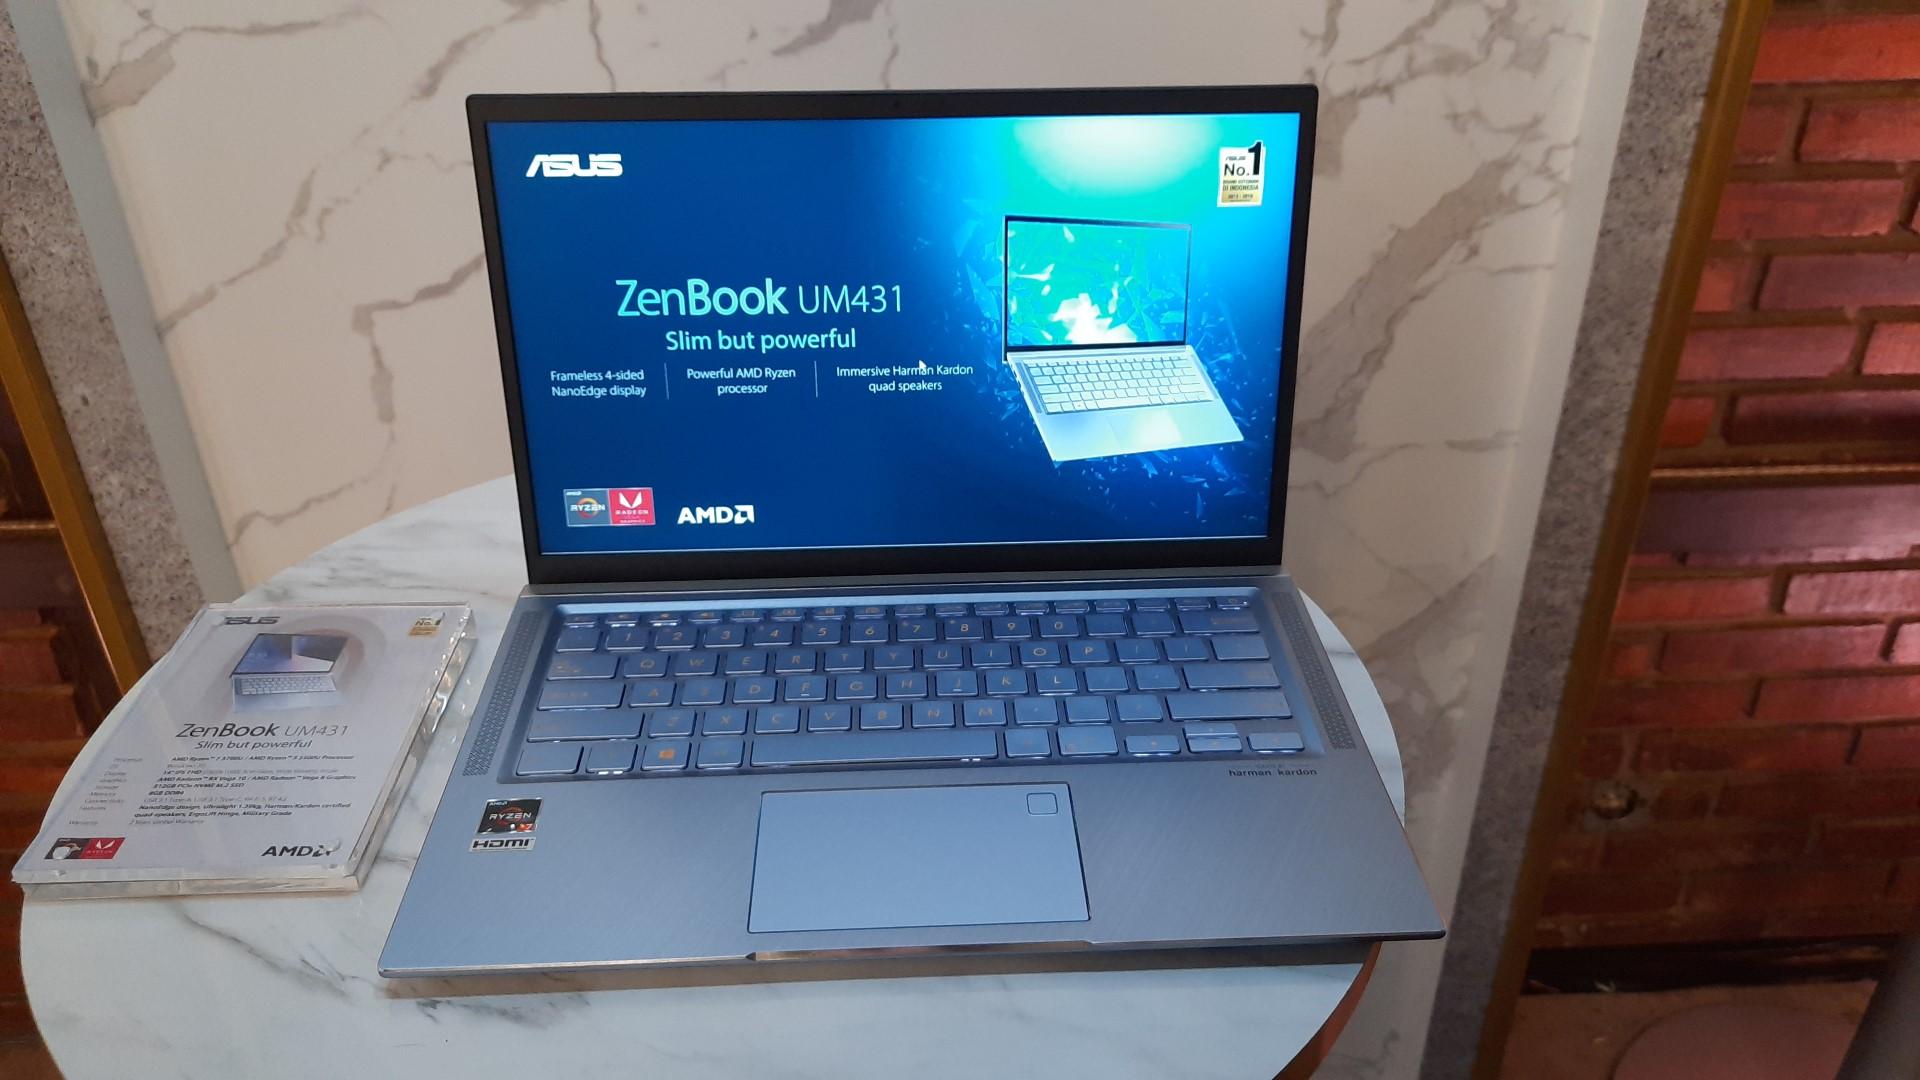 Asus ZenBook UM341